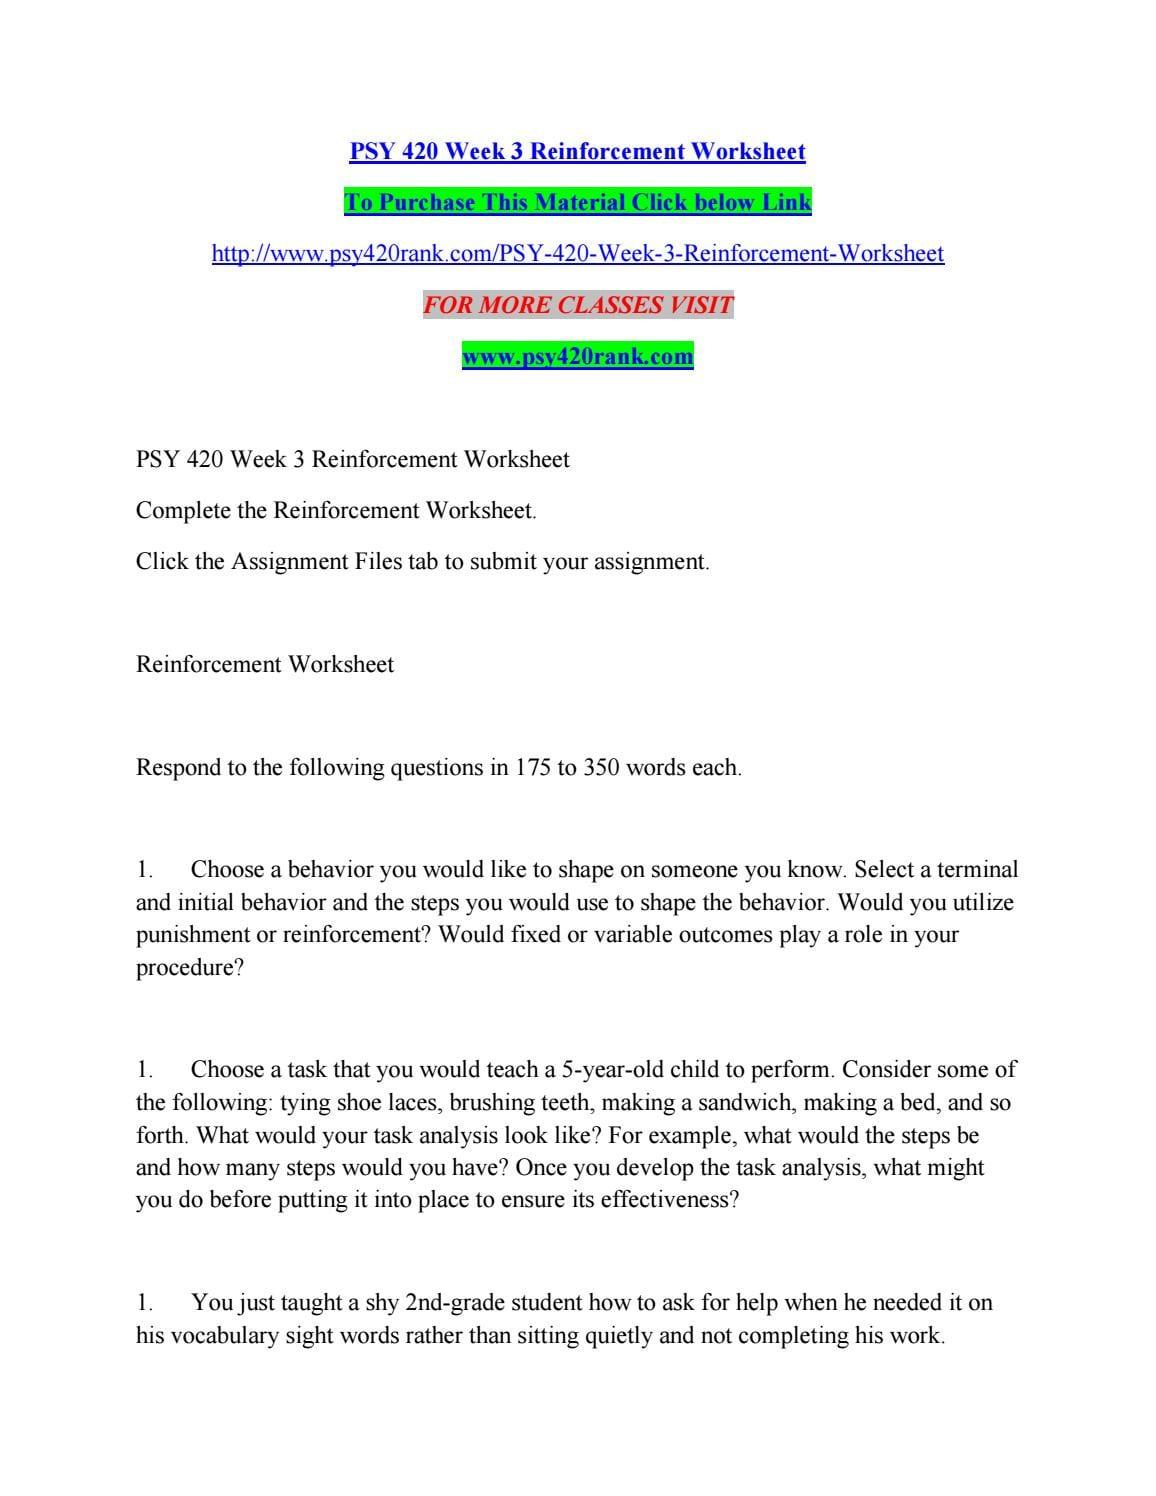 Psy 420 Week 3 Reinforcement Worksheetchanduchagam68